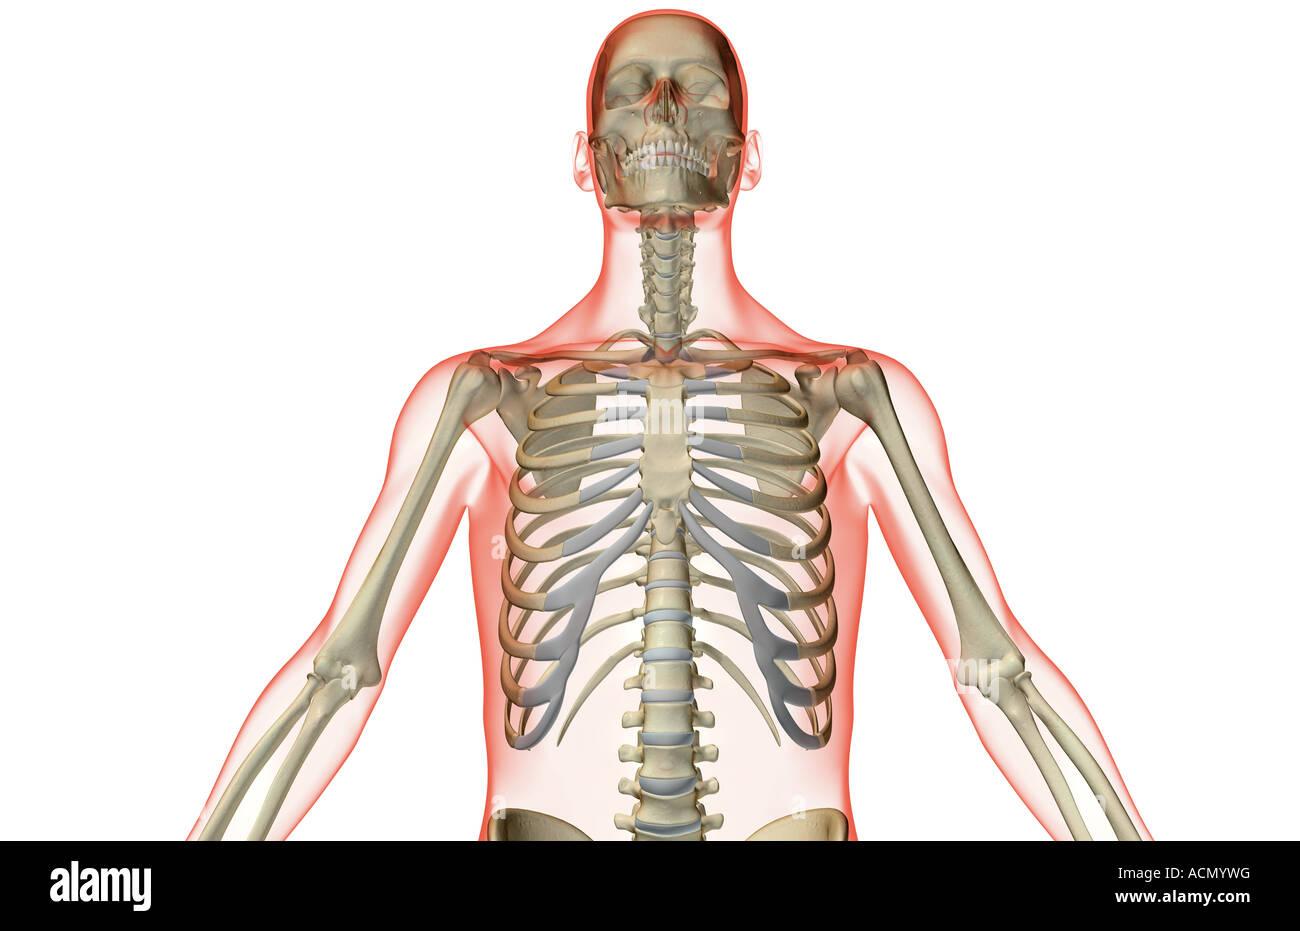 Ausgezeichnet Menschliche Anatomie Und Physiologie Knochen Studie ...